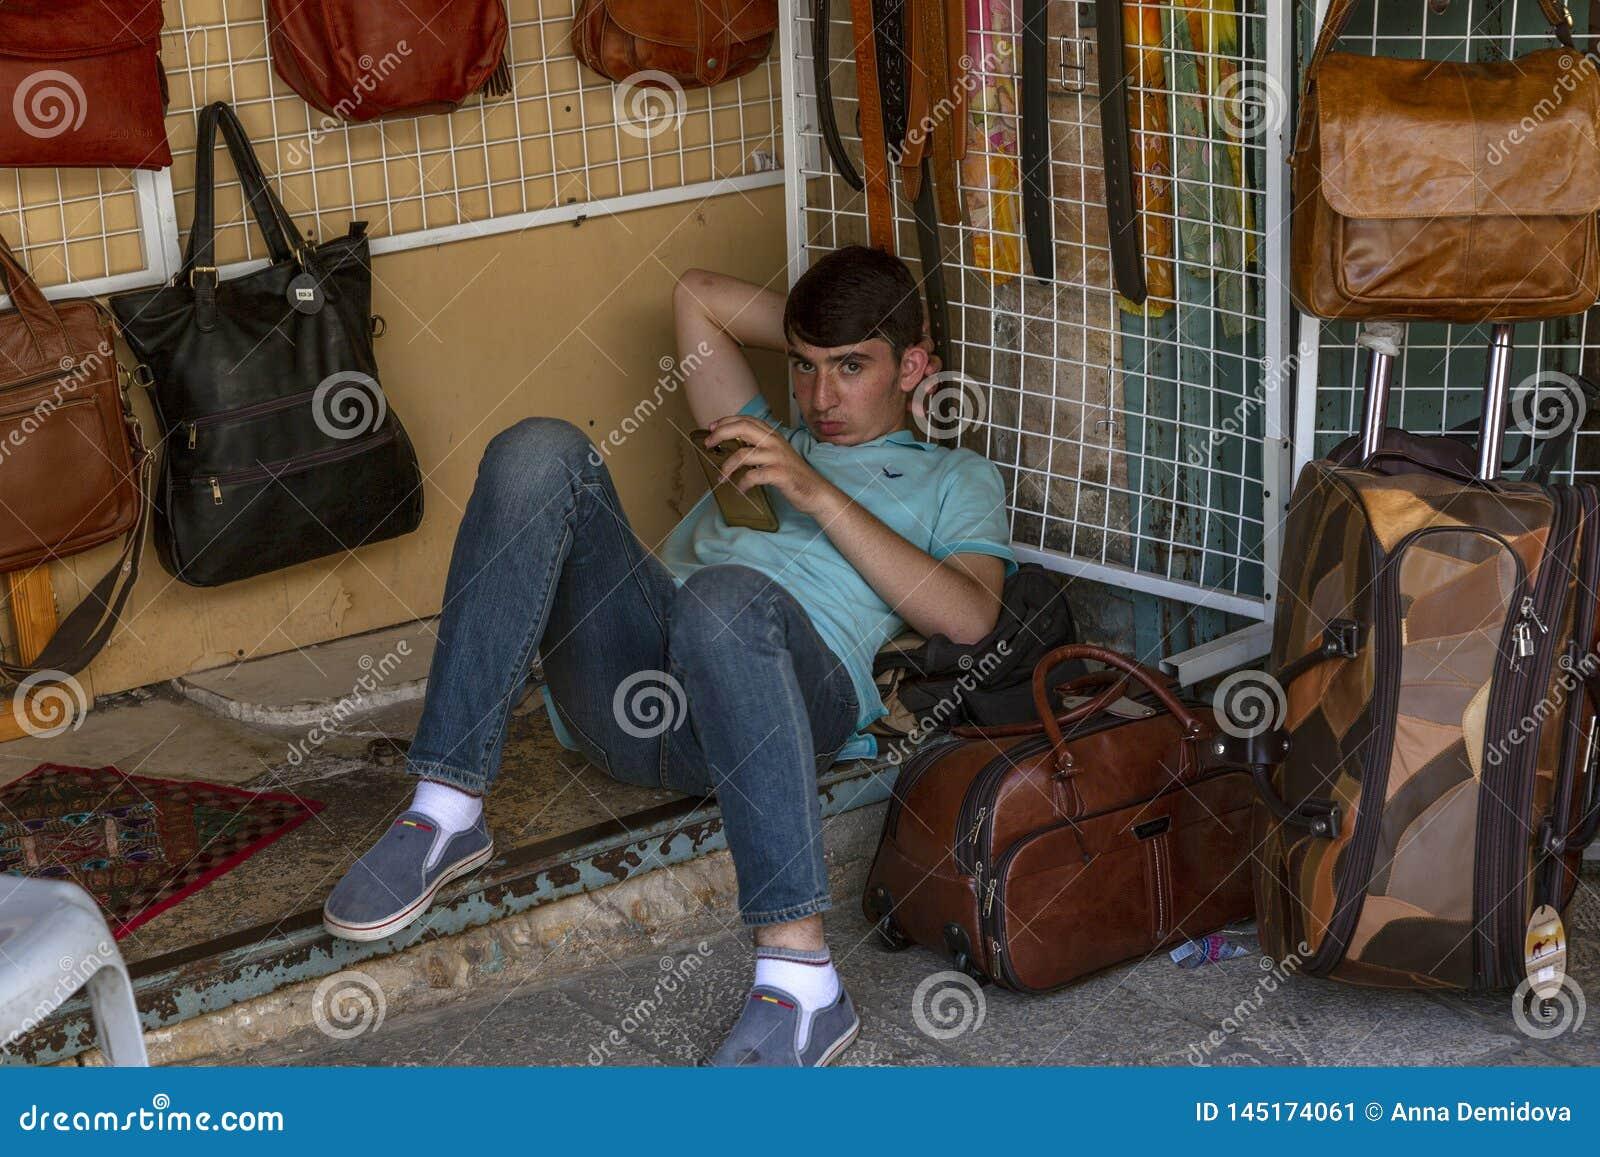 Jerusalém, Israel, 09/11/2016: O menino do vendedor no mercado é descansar, encontrando-se na terra com um telefone